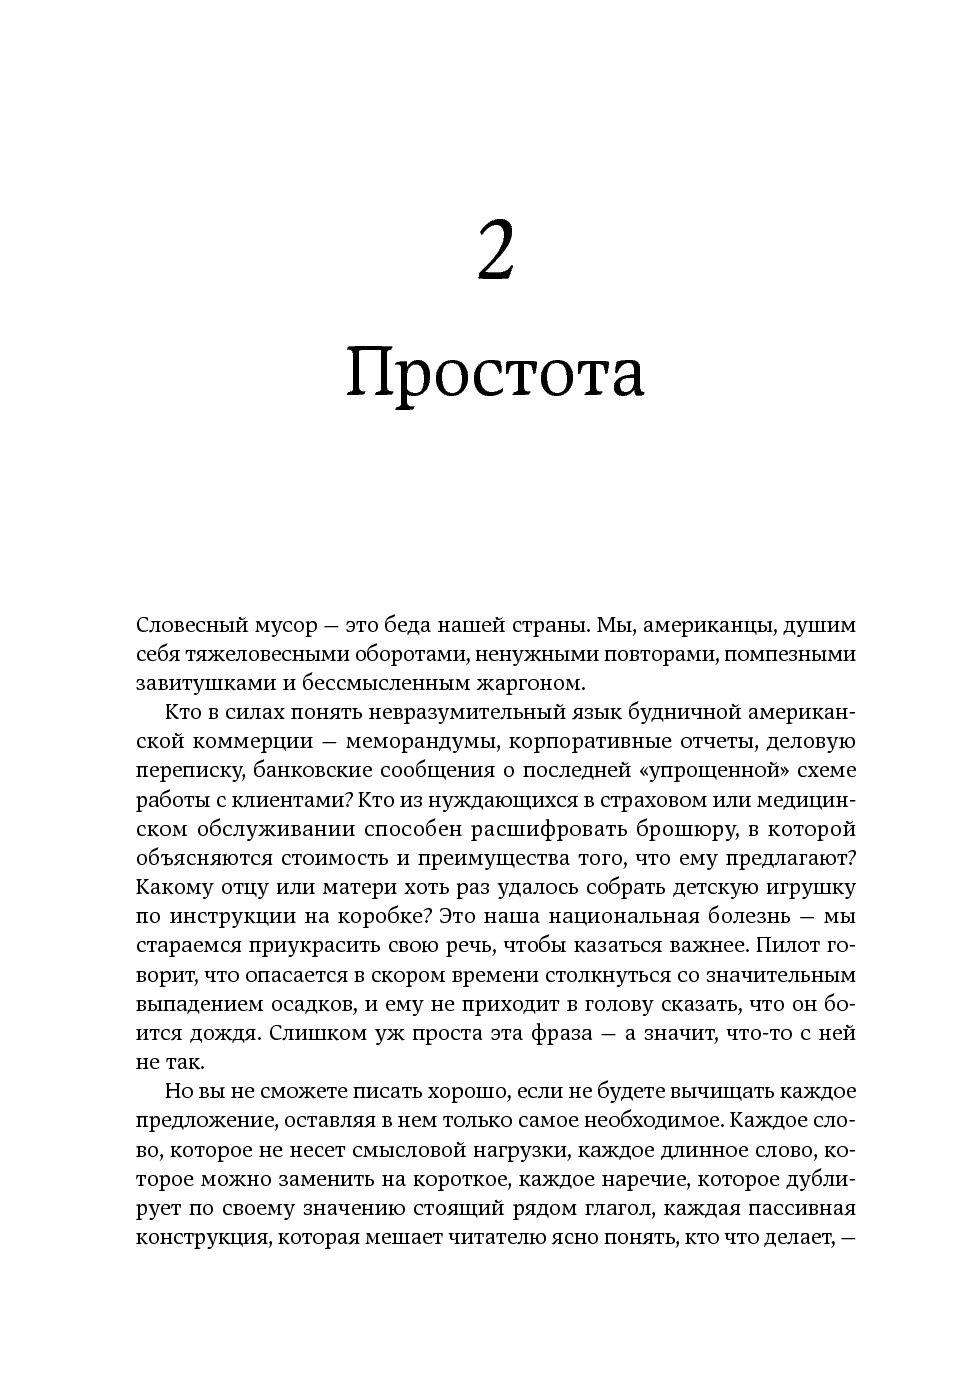 Инструкция по написанию книг